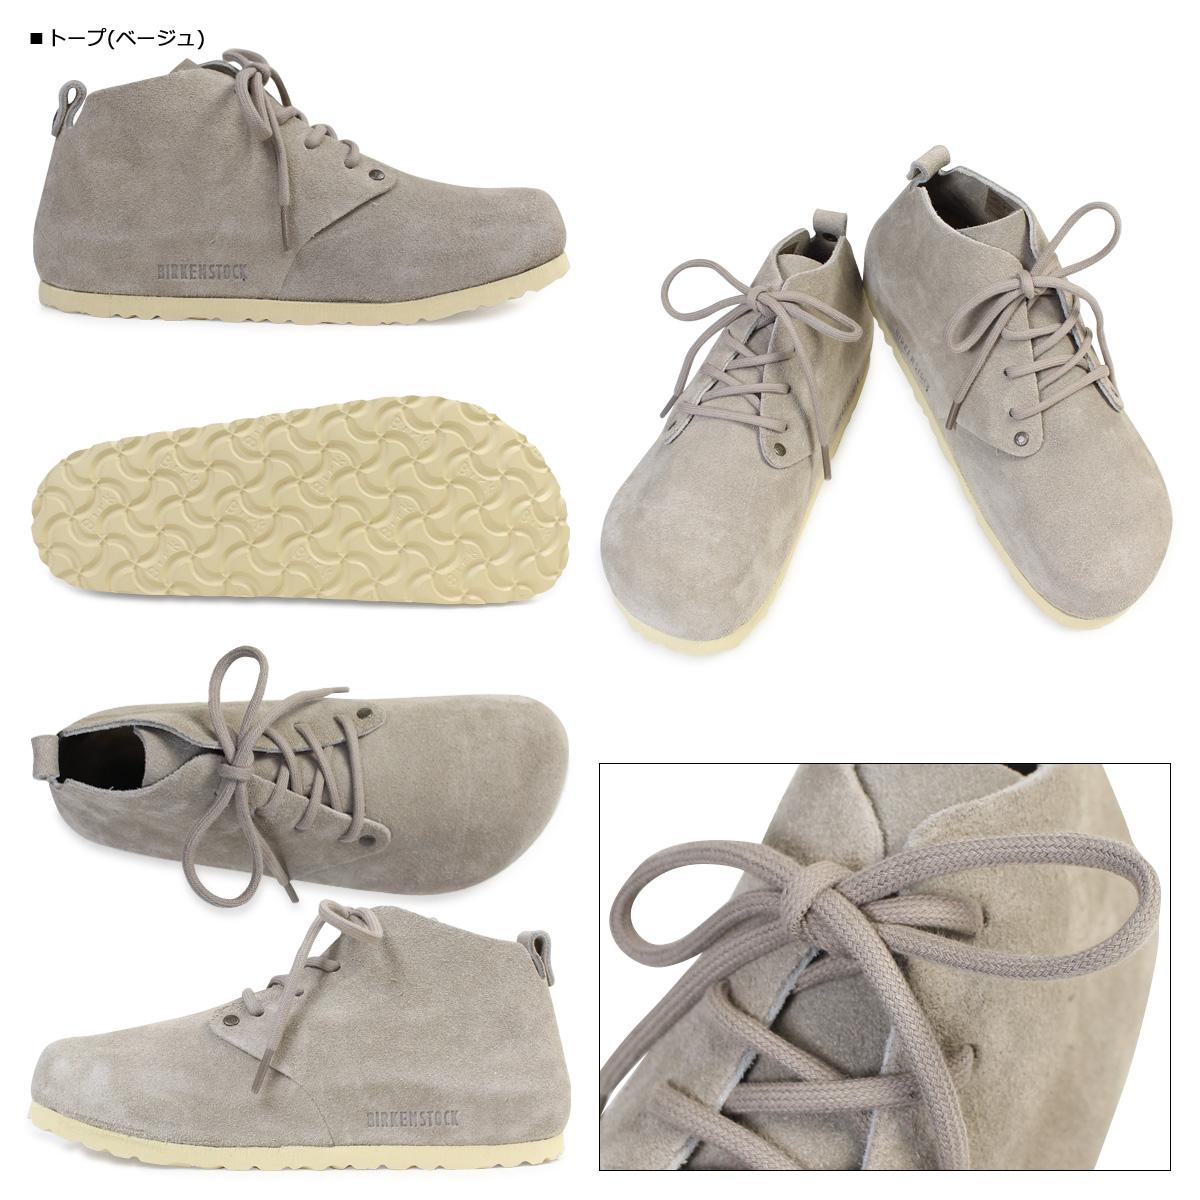 Birkenstock Dundee Vilken Shoes Boots Normal Width Men Women